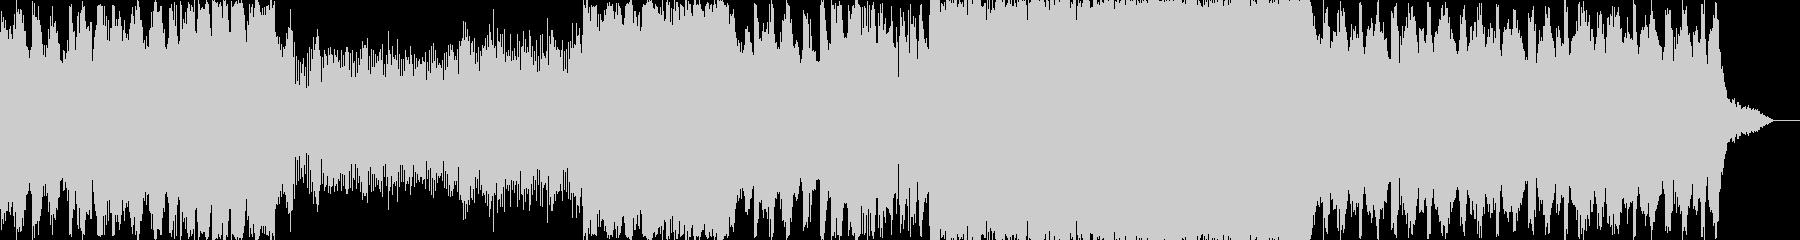 パワフルなミステリアスBGMの未再生の波形